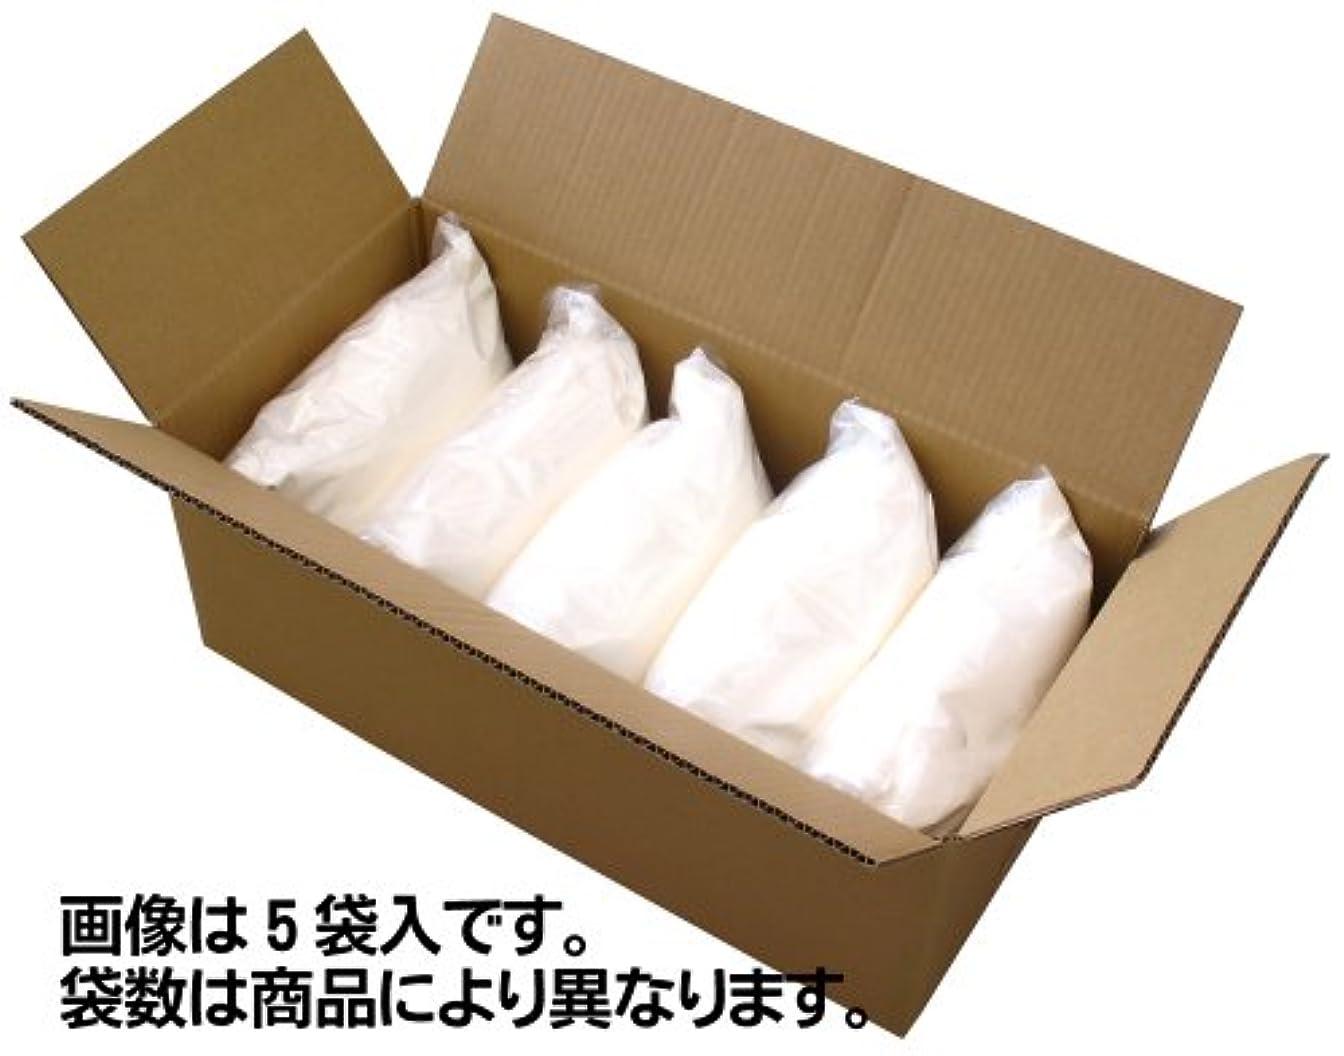 自由彼女の昇進業務用 難消化性デキストリン4kg×5袋 水溶性食物繊維約85%